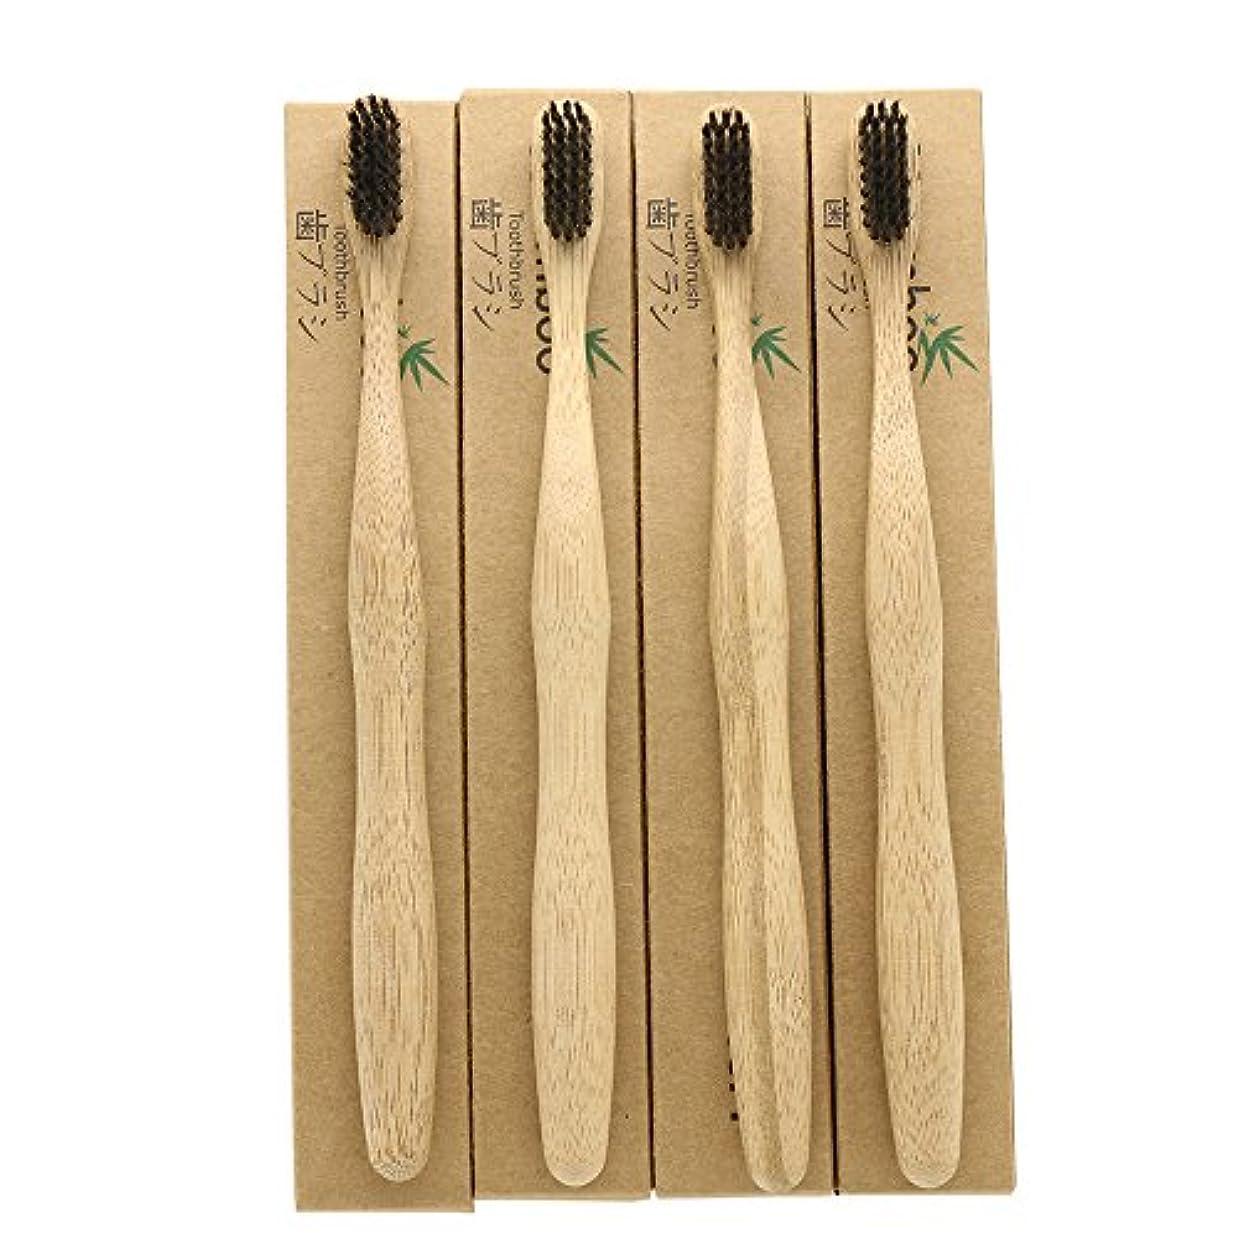 評判スカルク漫画N-amboo 竹製耐久度高い 歯ブラシ  黒い ハンドル大きい  4本入りセット